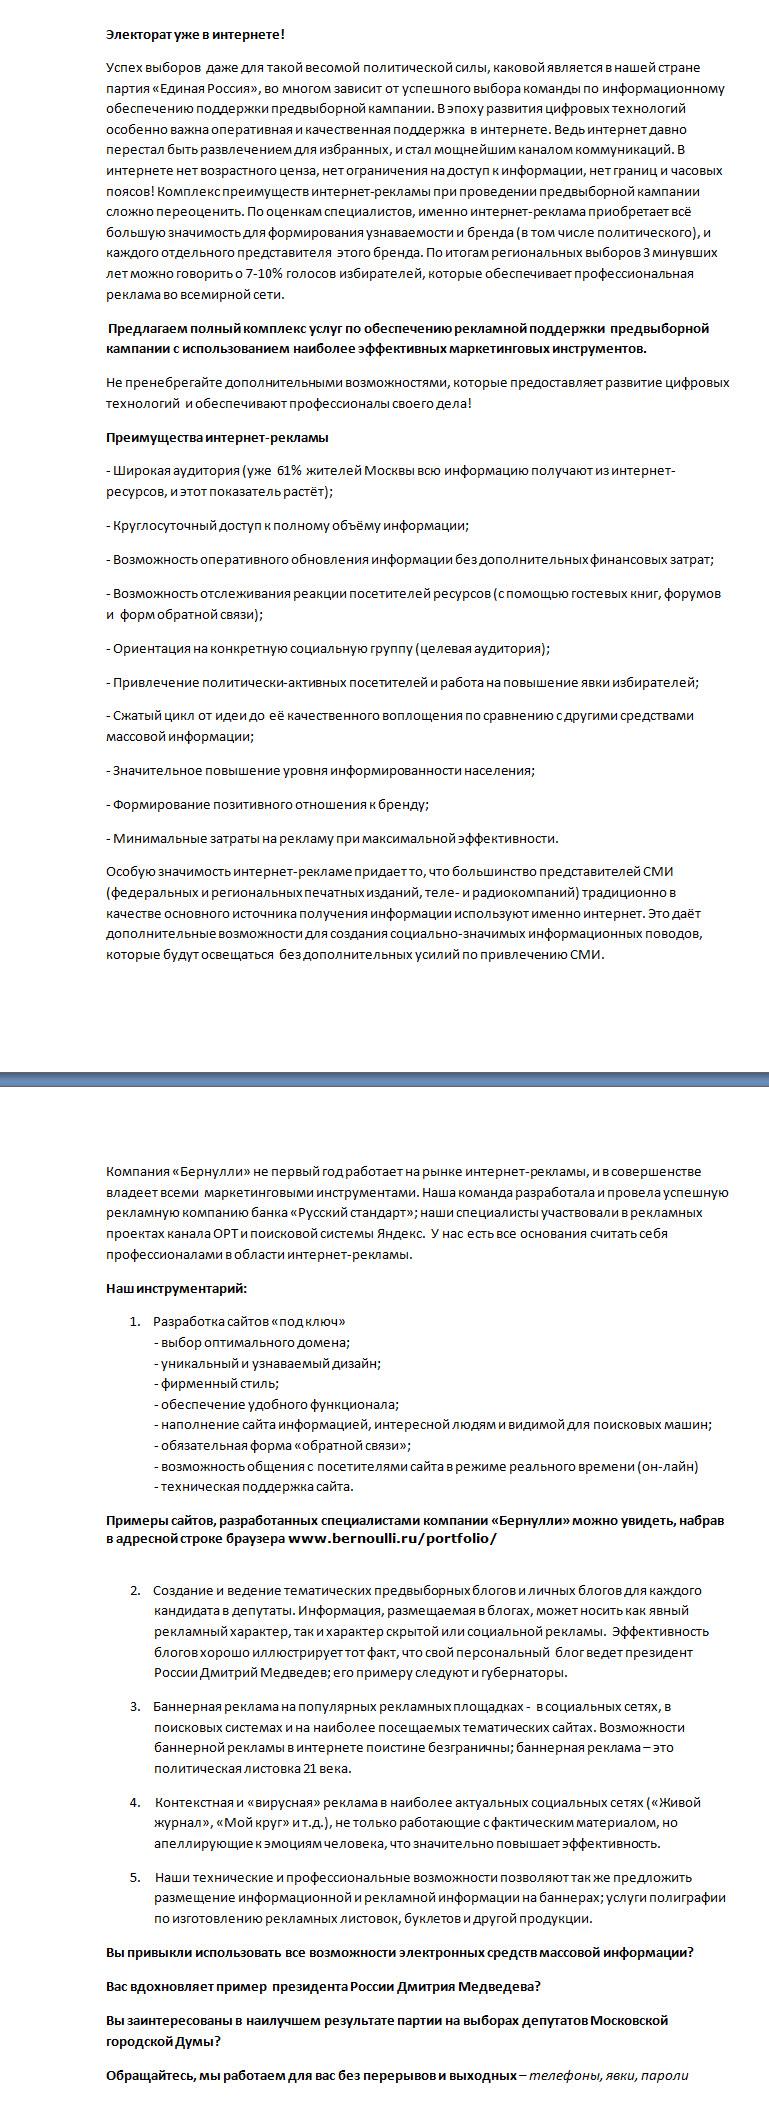 Коммерческое предложение - сайт (выборы)